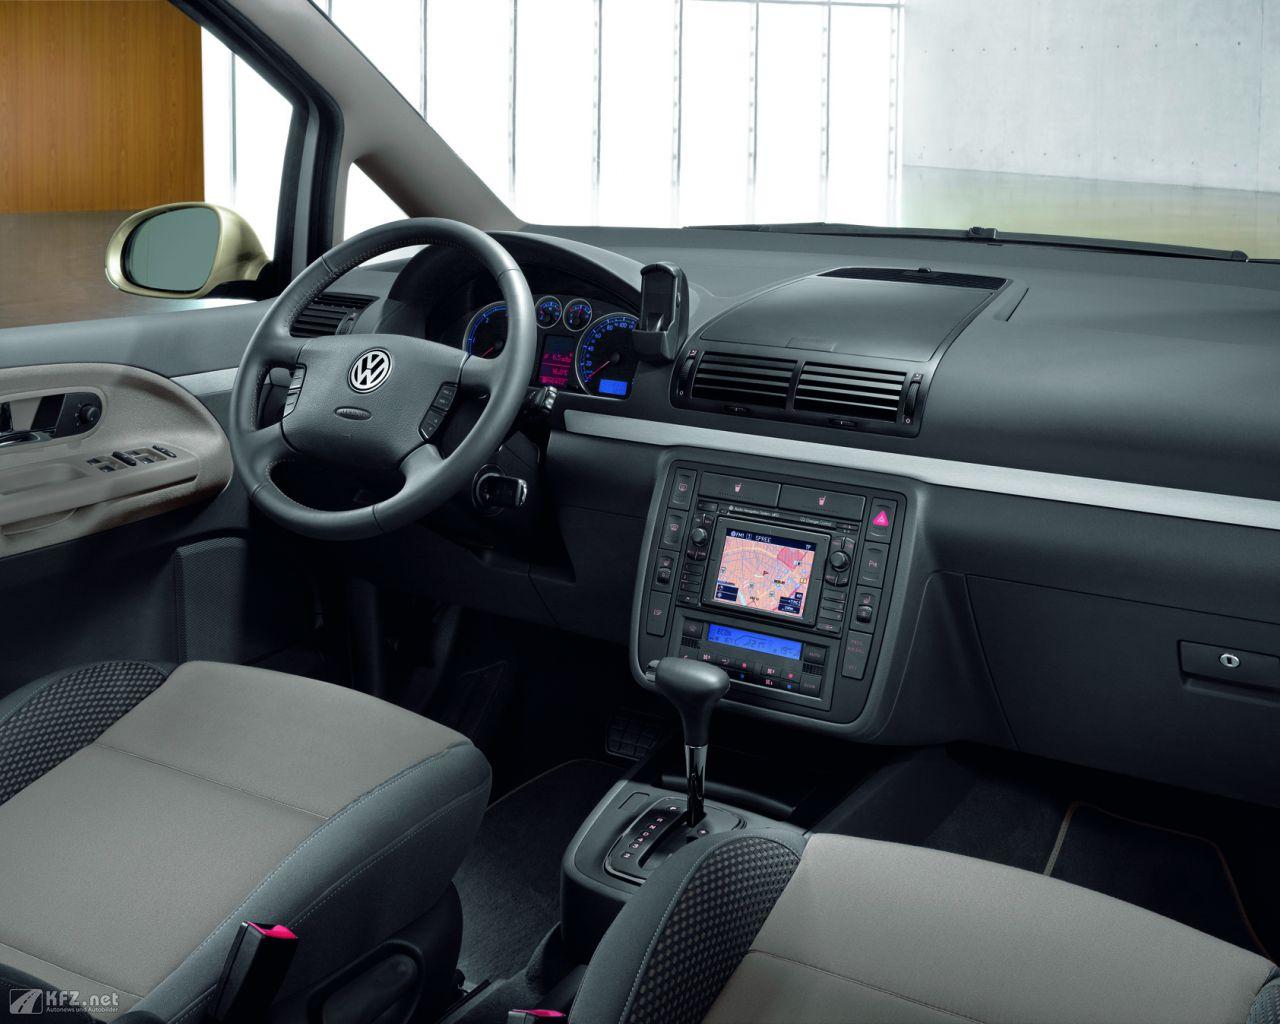 VW Sharan Bilder. Eine großraum Limousine aus Deutschland